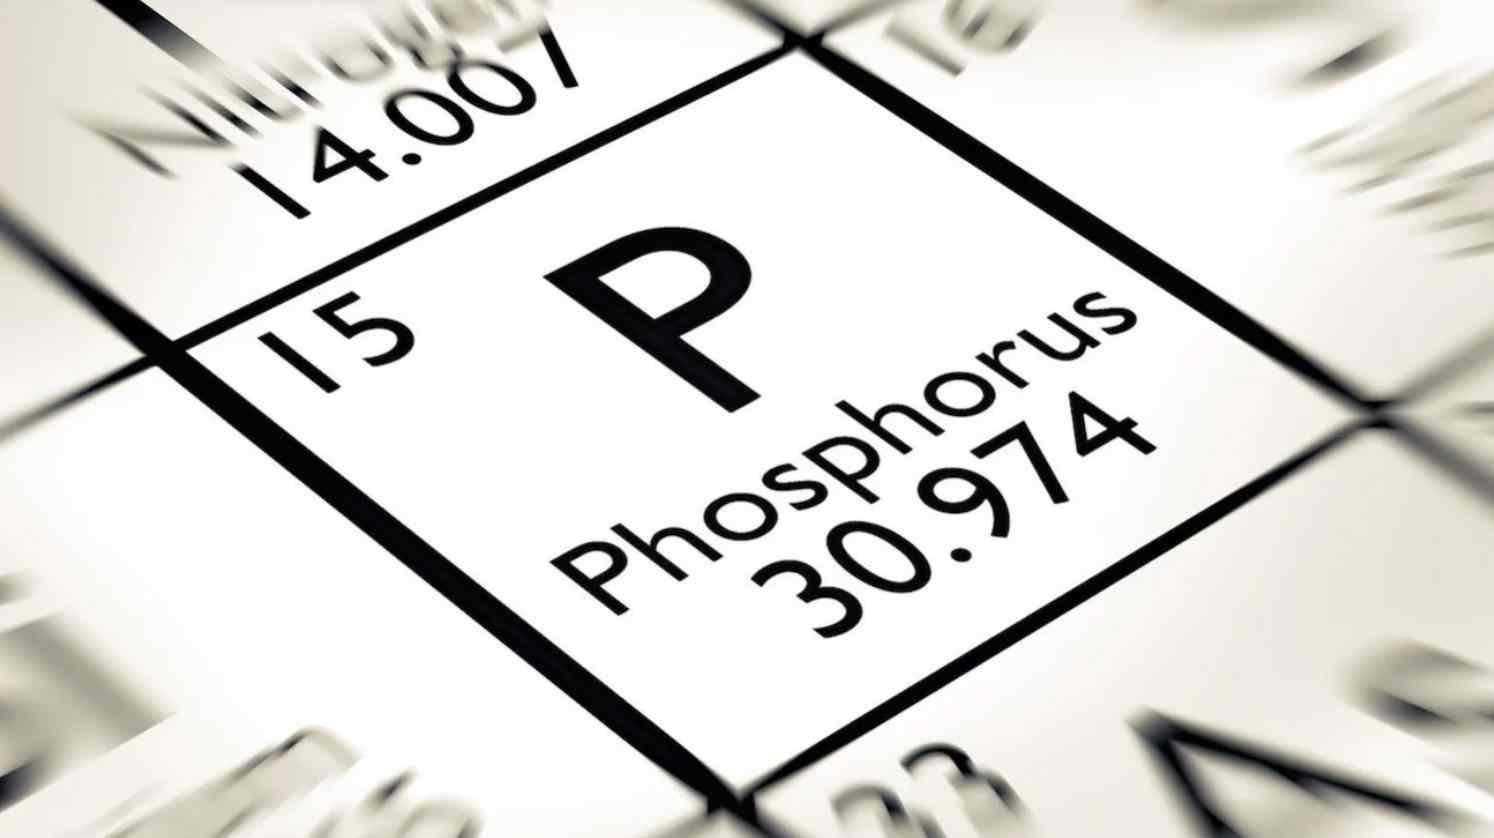 Синий фосфор — новый двухмерный материал, способный потеснить графен